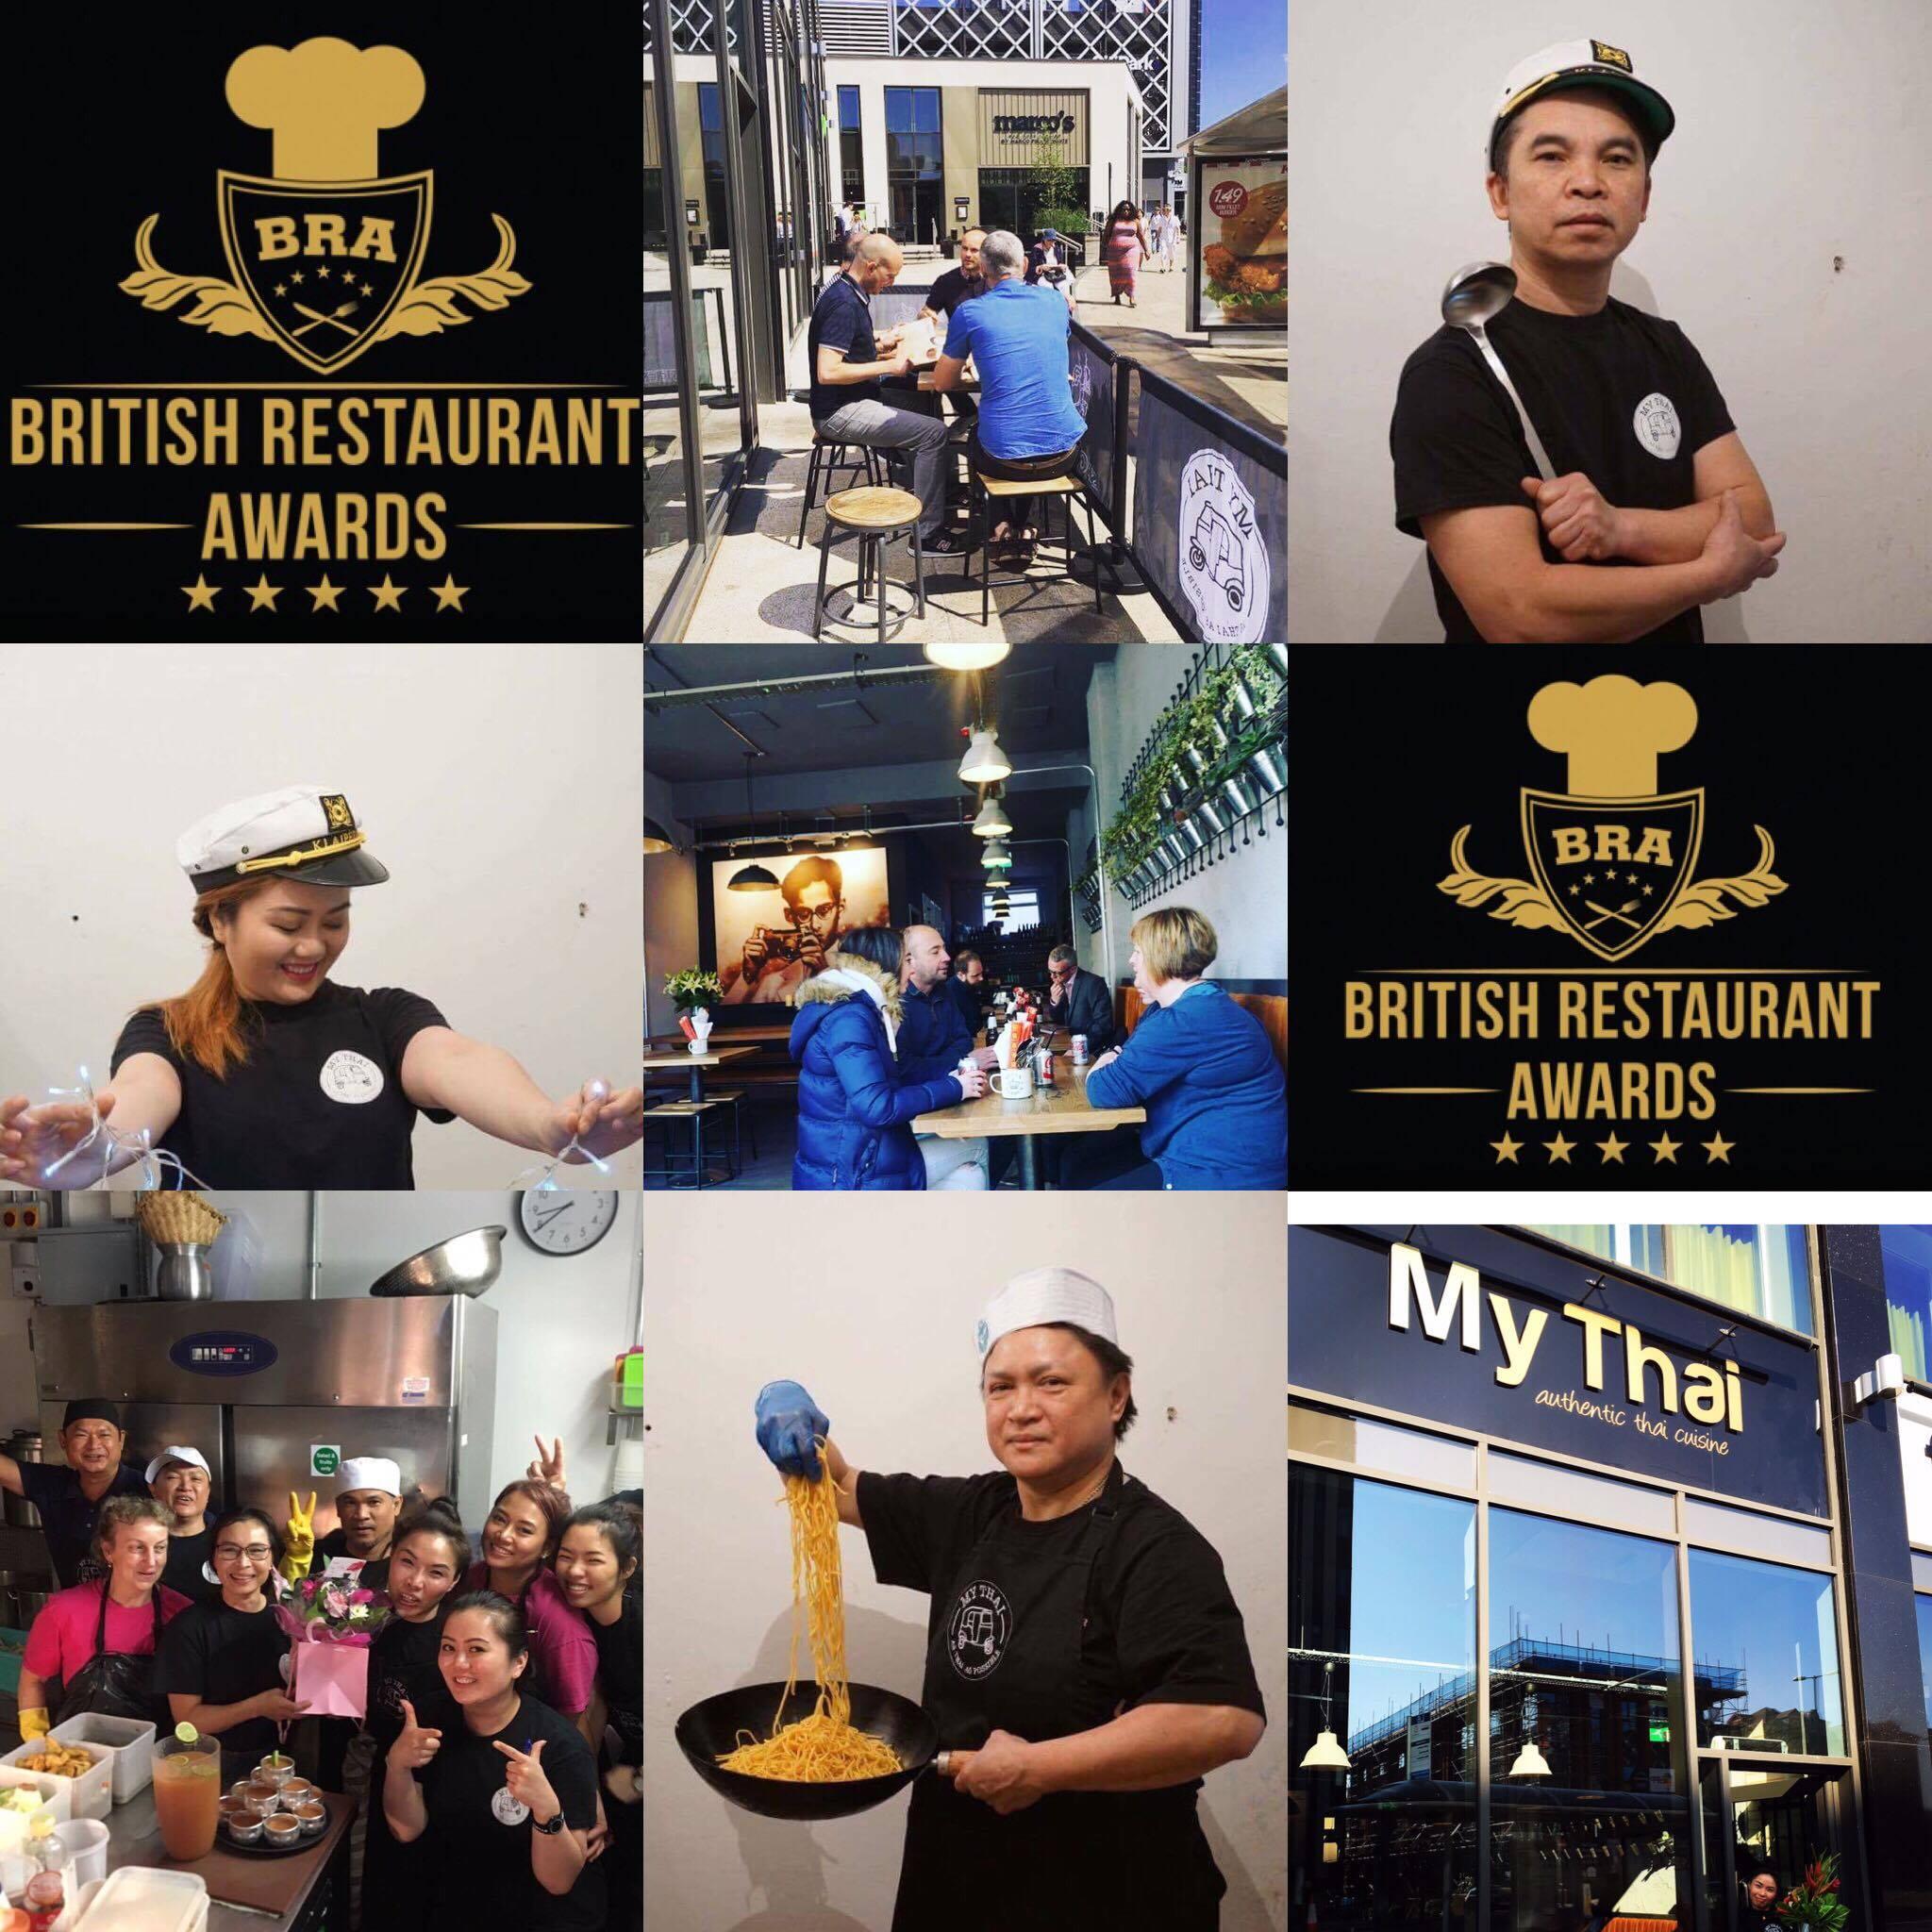 Best Restaurant in Leeds - British Restaurants Awards